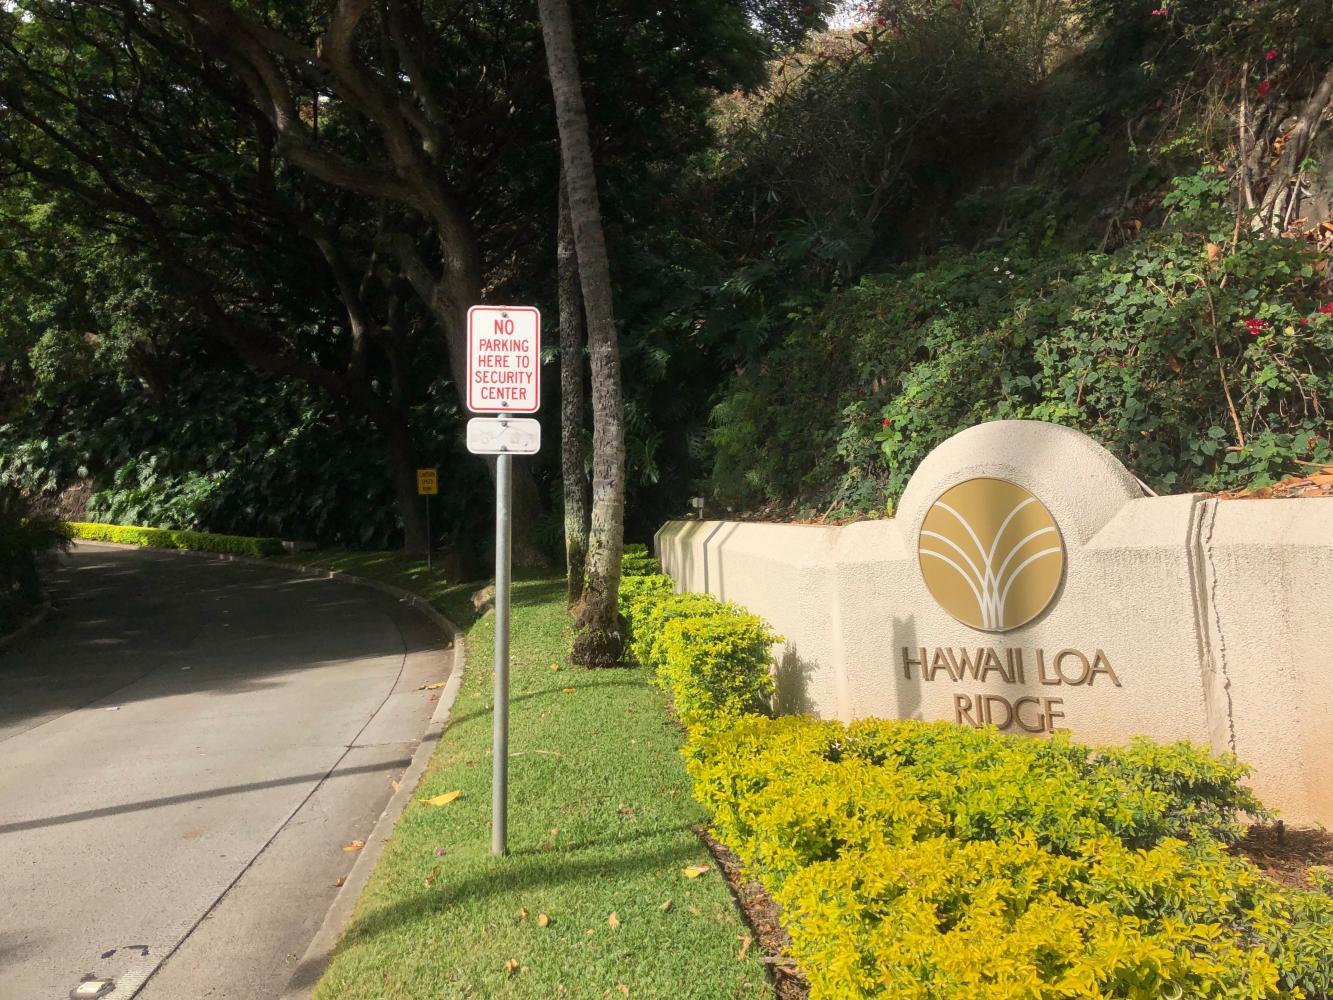 Hawaii Loa Ridge Bike Climb - PJAMM Cycling